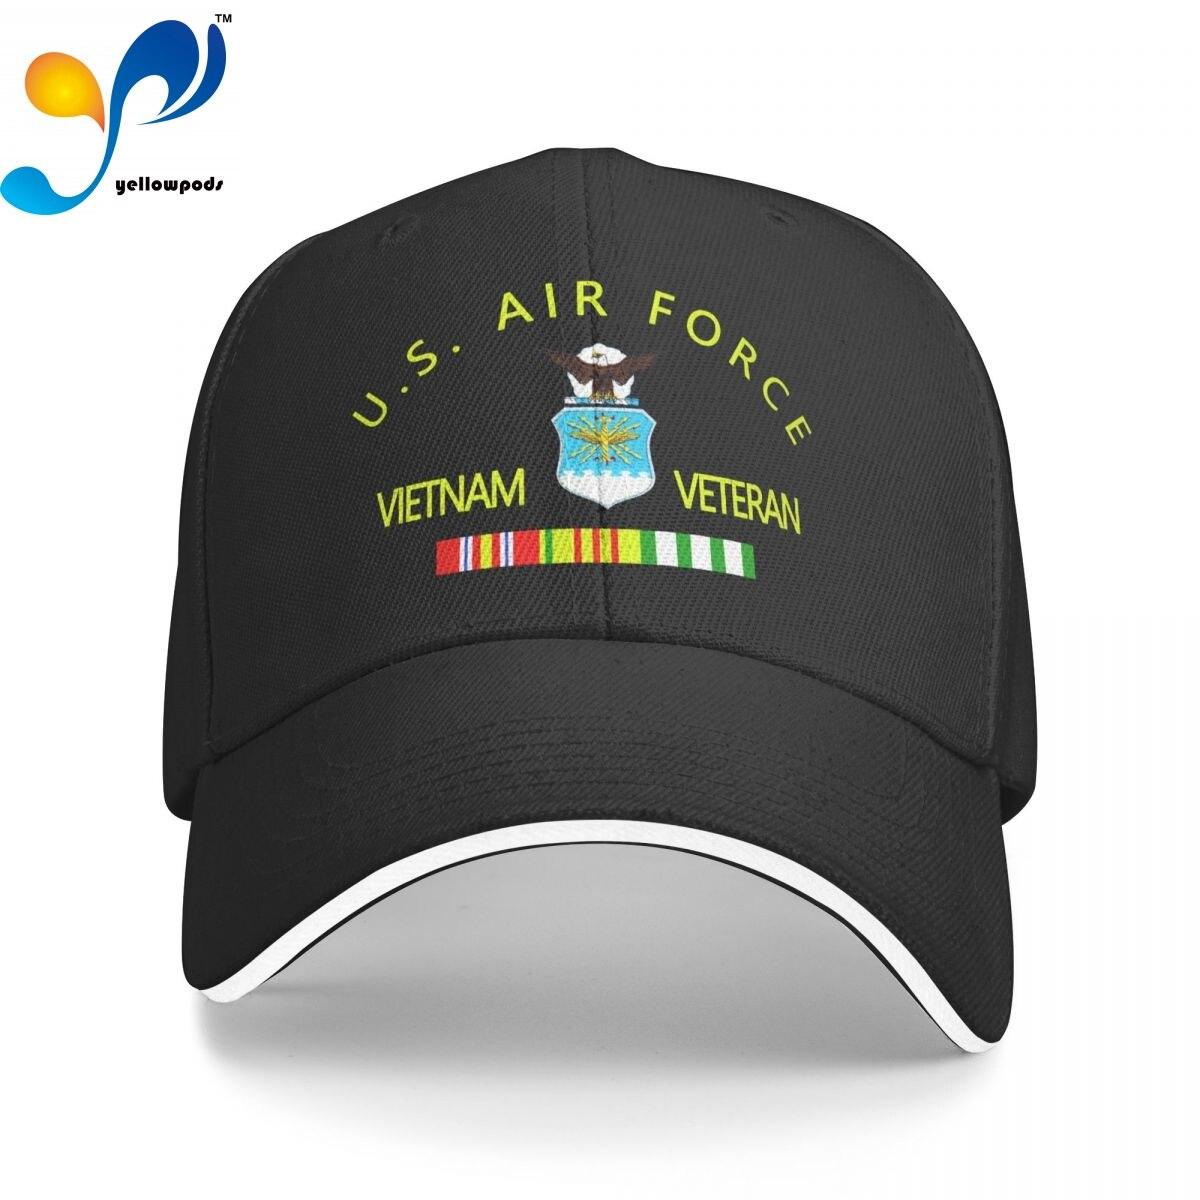 Вьетнамские ветераны с лентами, Кепка-тракер, бейсболка для мужчин, бейсболка с клапаном, мужские шапки, кепки с логотипом